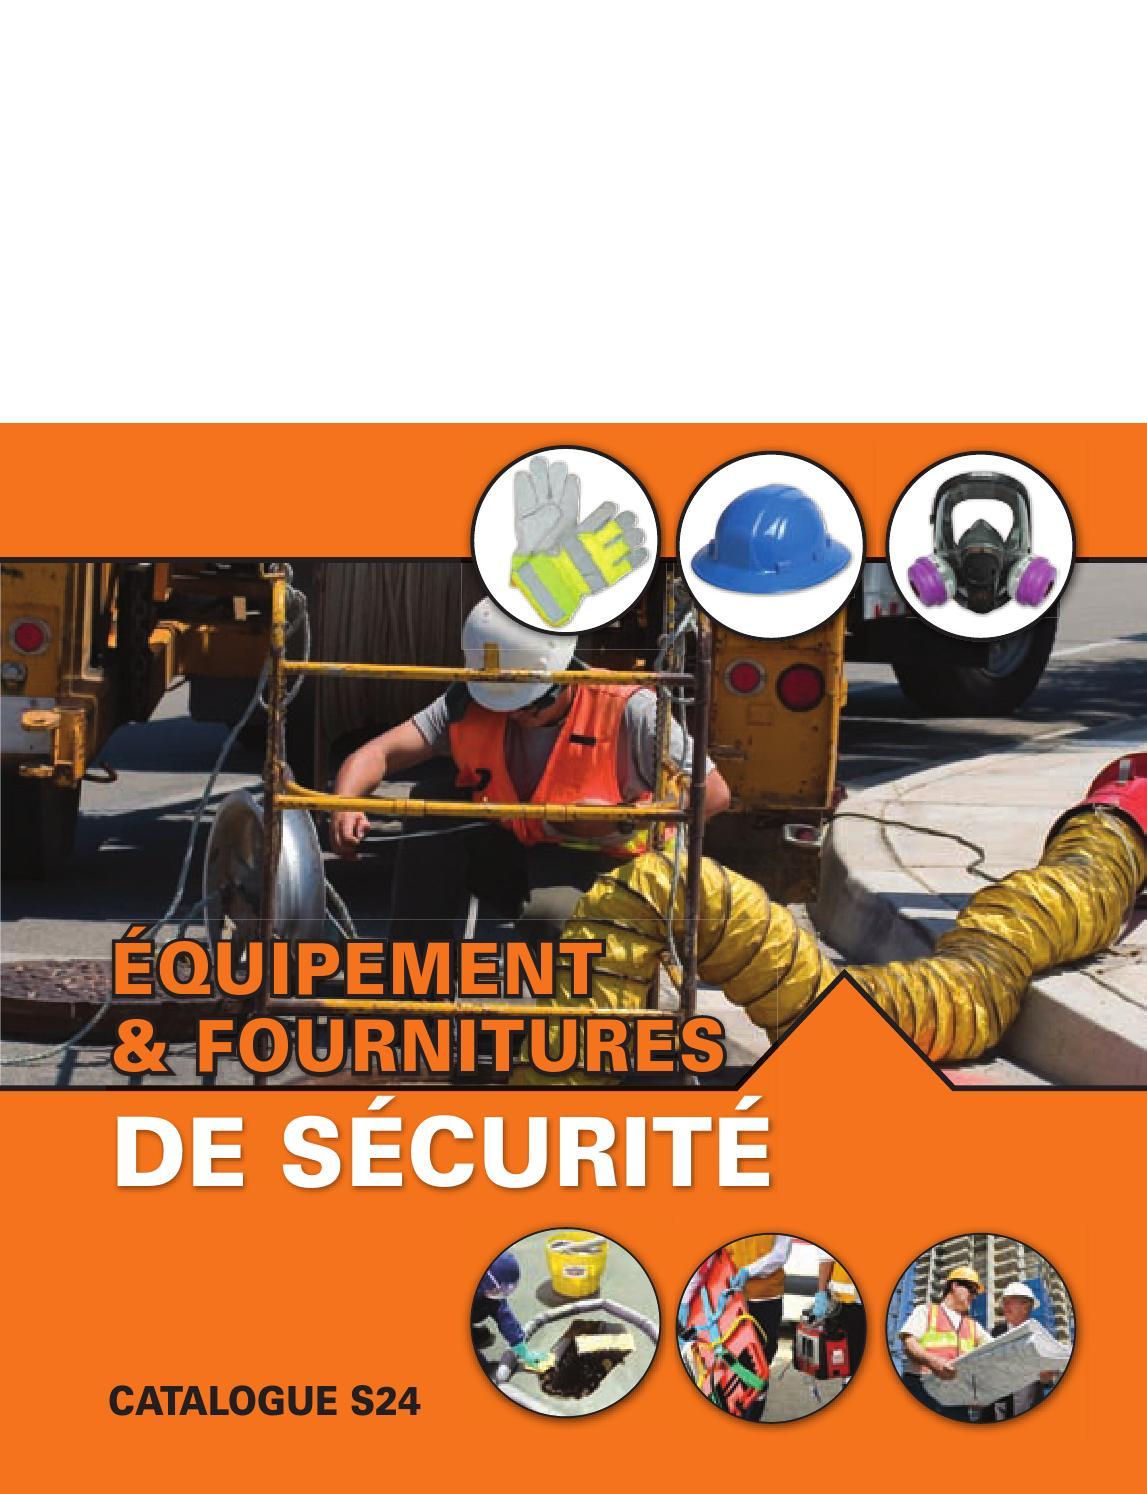 Fenêtre Porte Cadre Fixations Vis UPVC Bois Maçonnerie Béton Brique Direct Premium